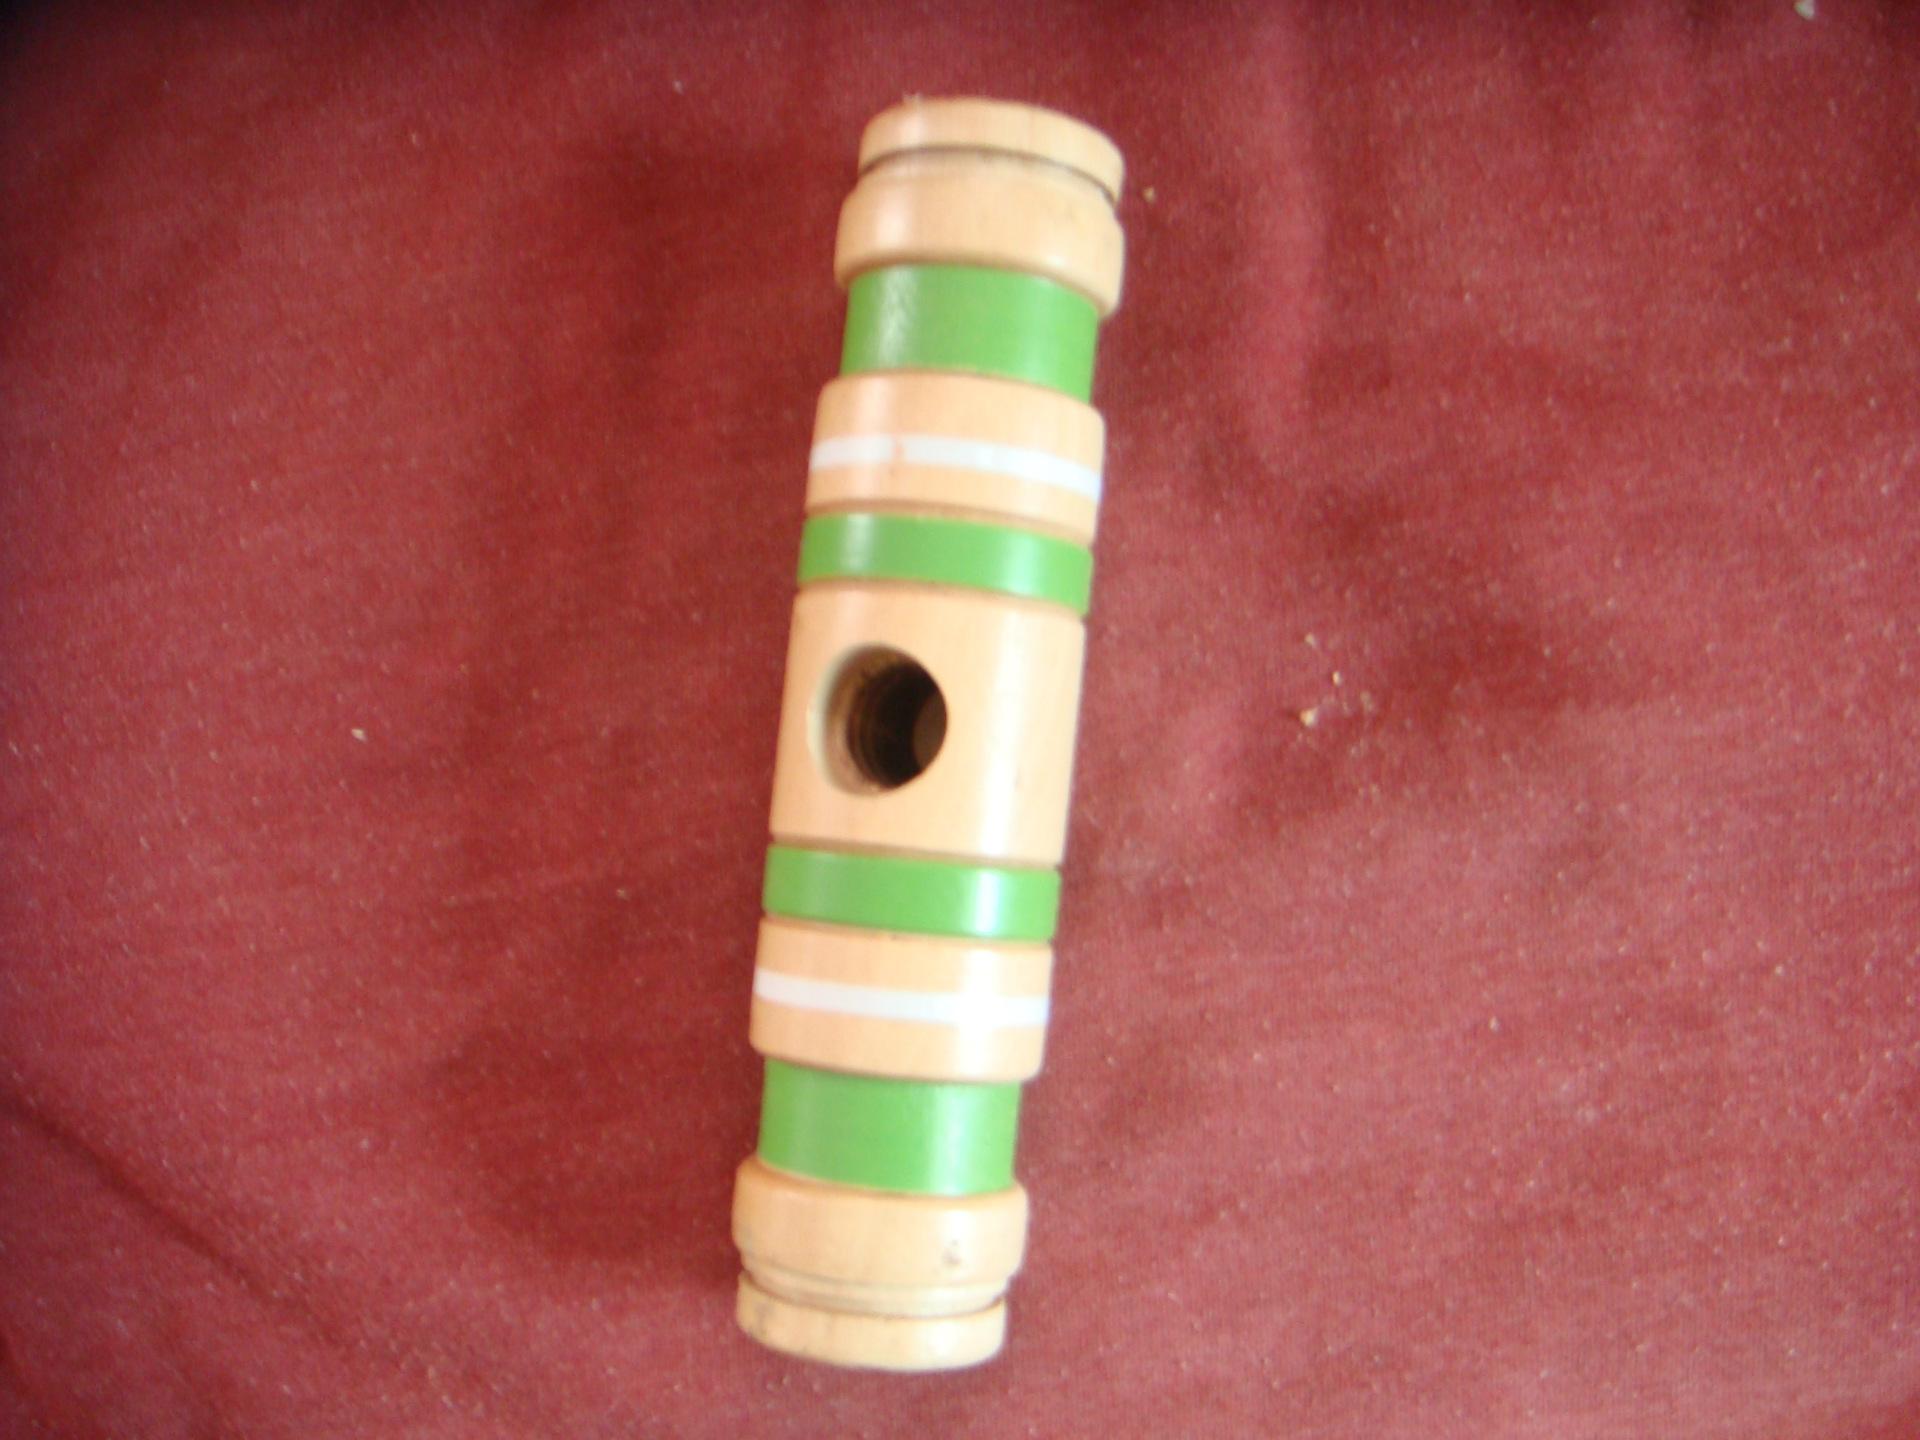 【【短发出售】木低价(47*200)】厂家,价格,图榔头扎头发复古图解